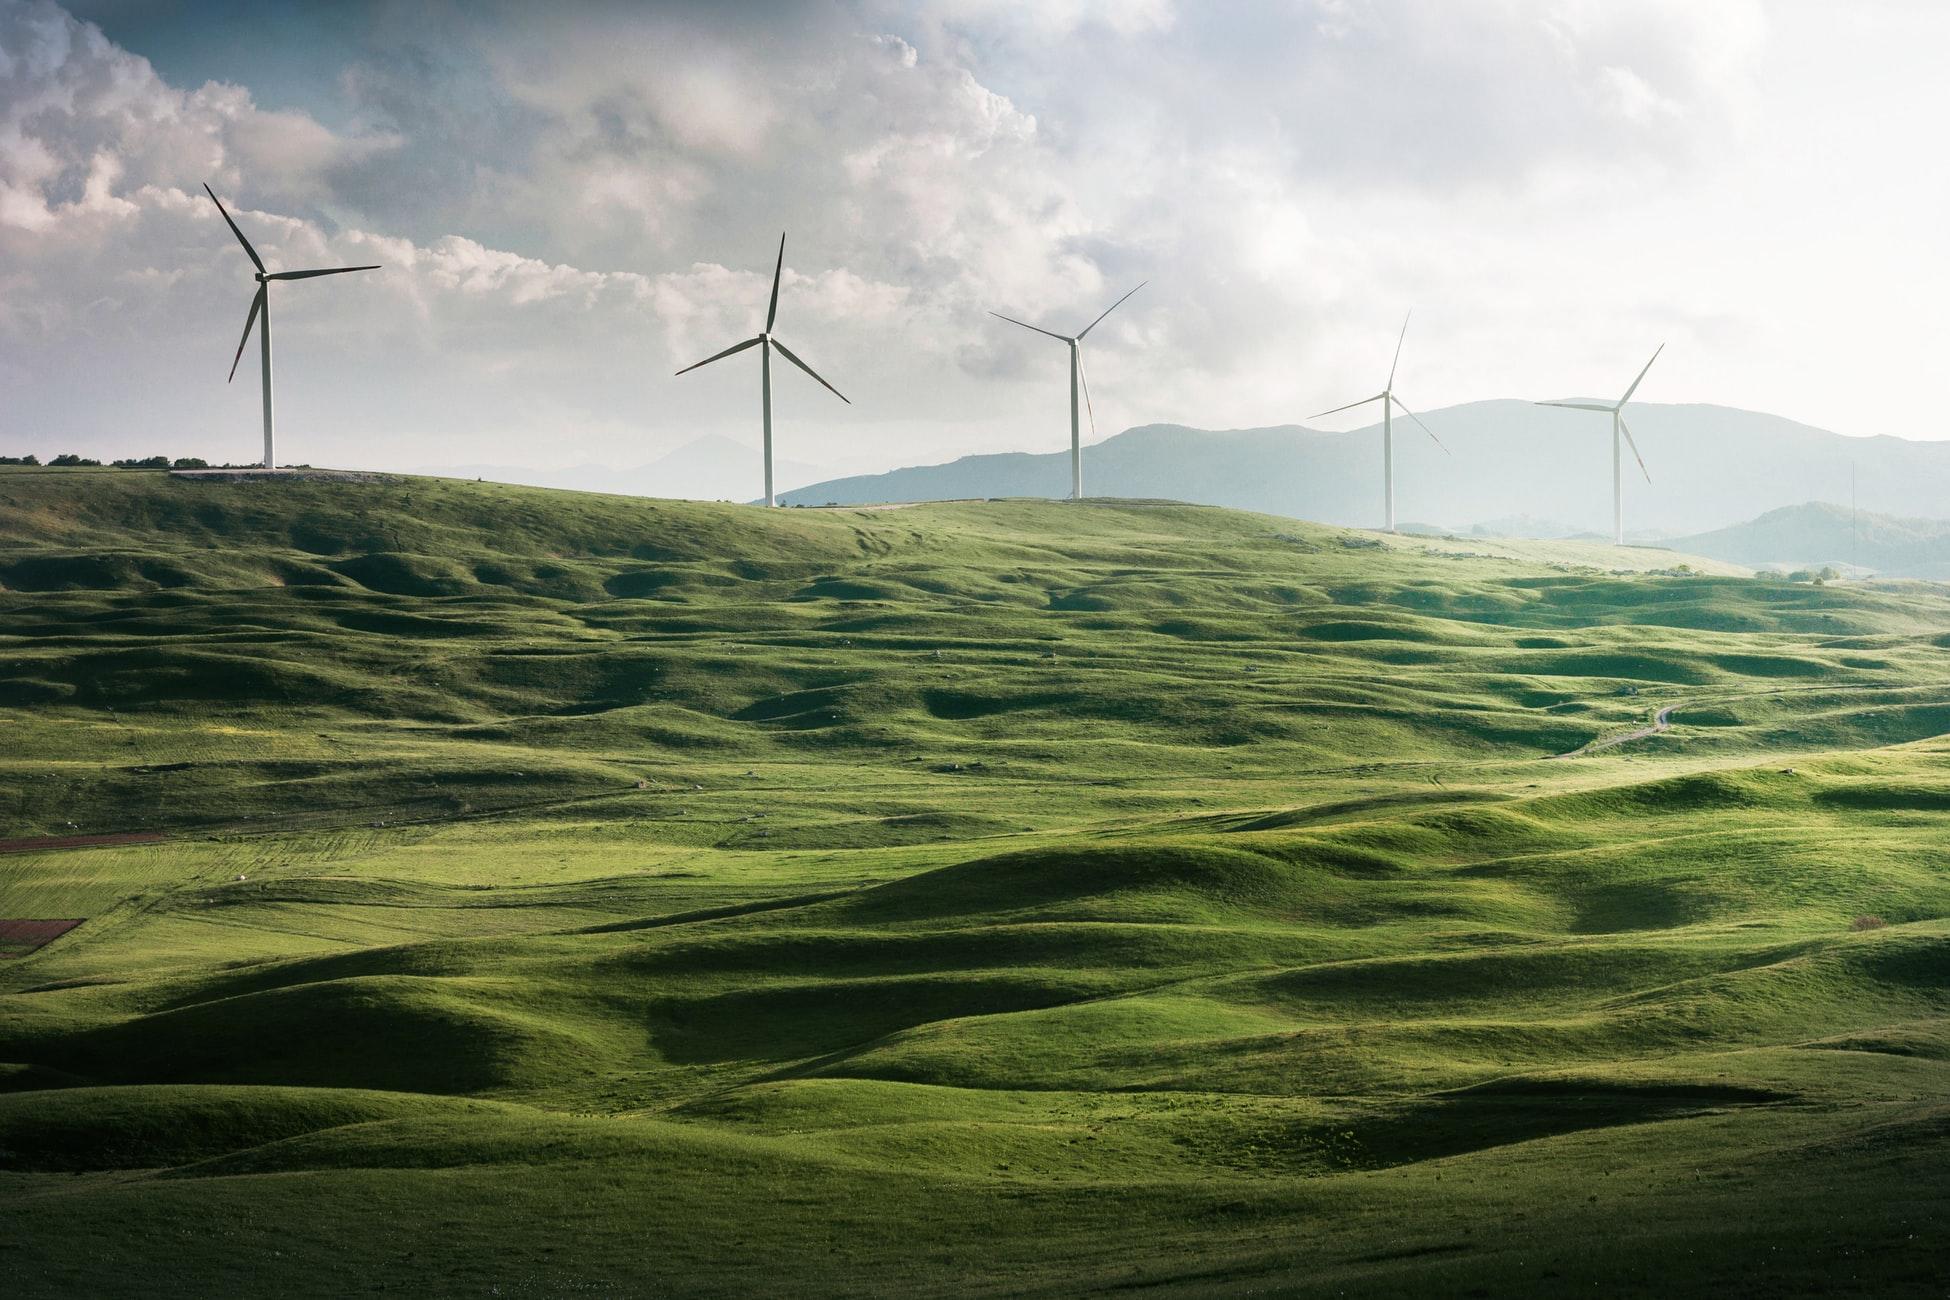 Collines verdoyantes avec 5 éoliennes